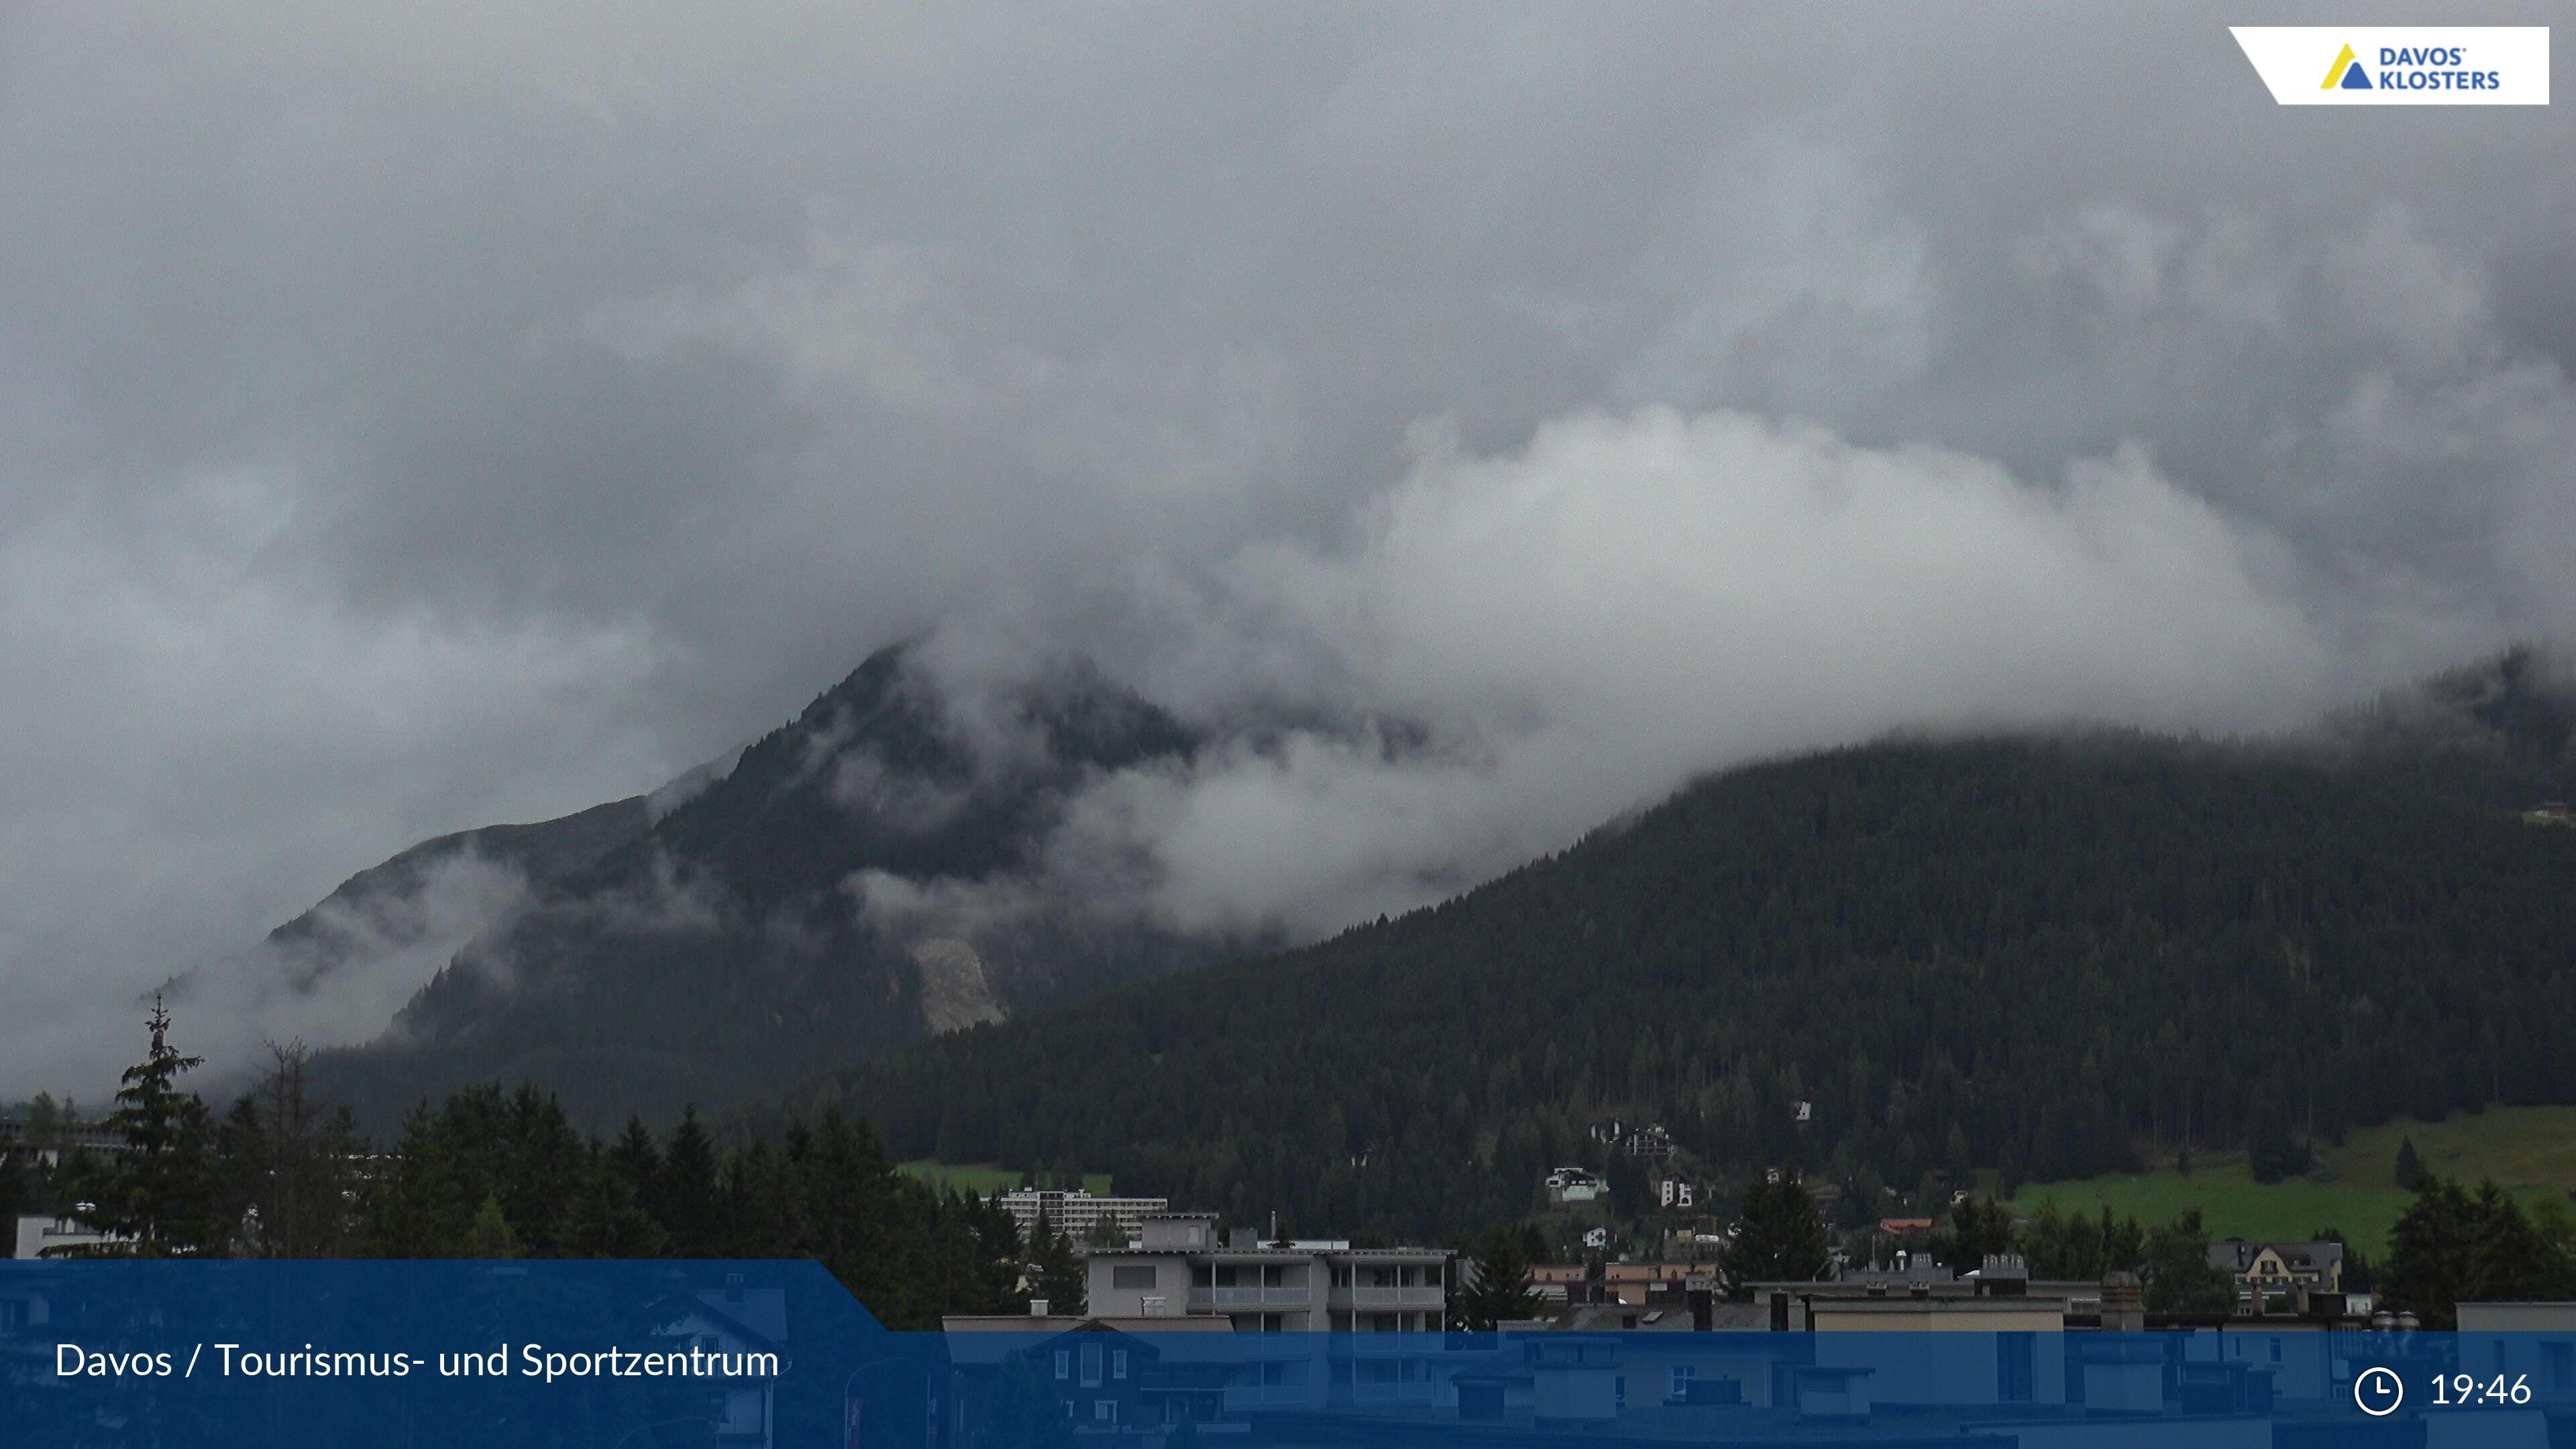 Davos: Platz - Tourismus- und Sportzentrum, Seehorn